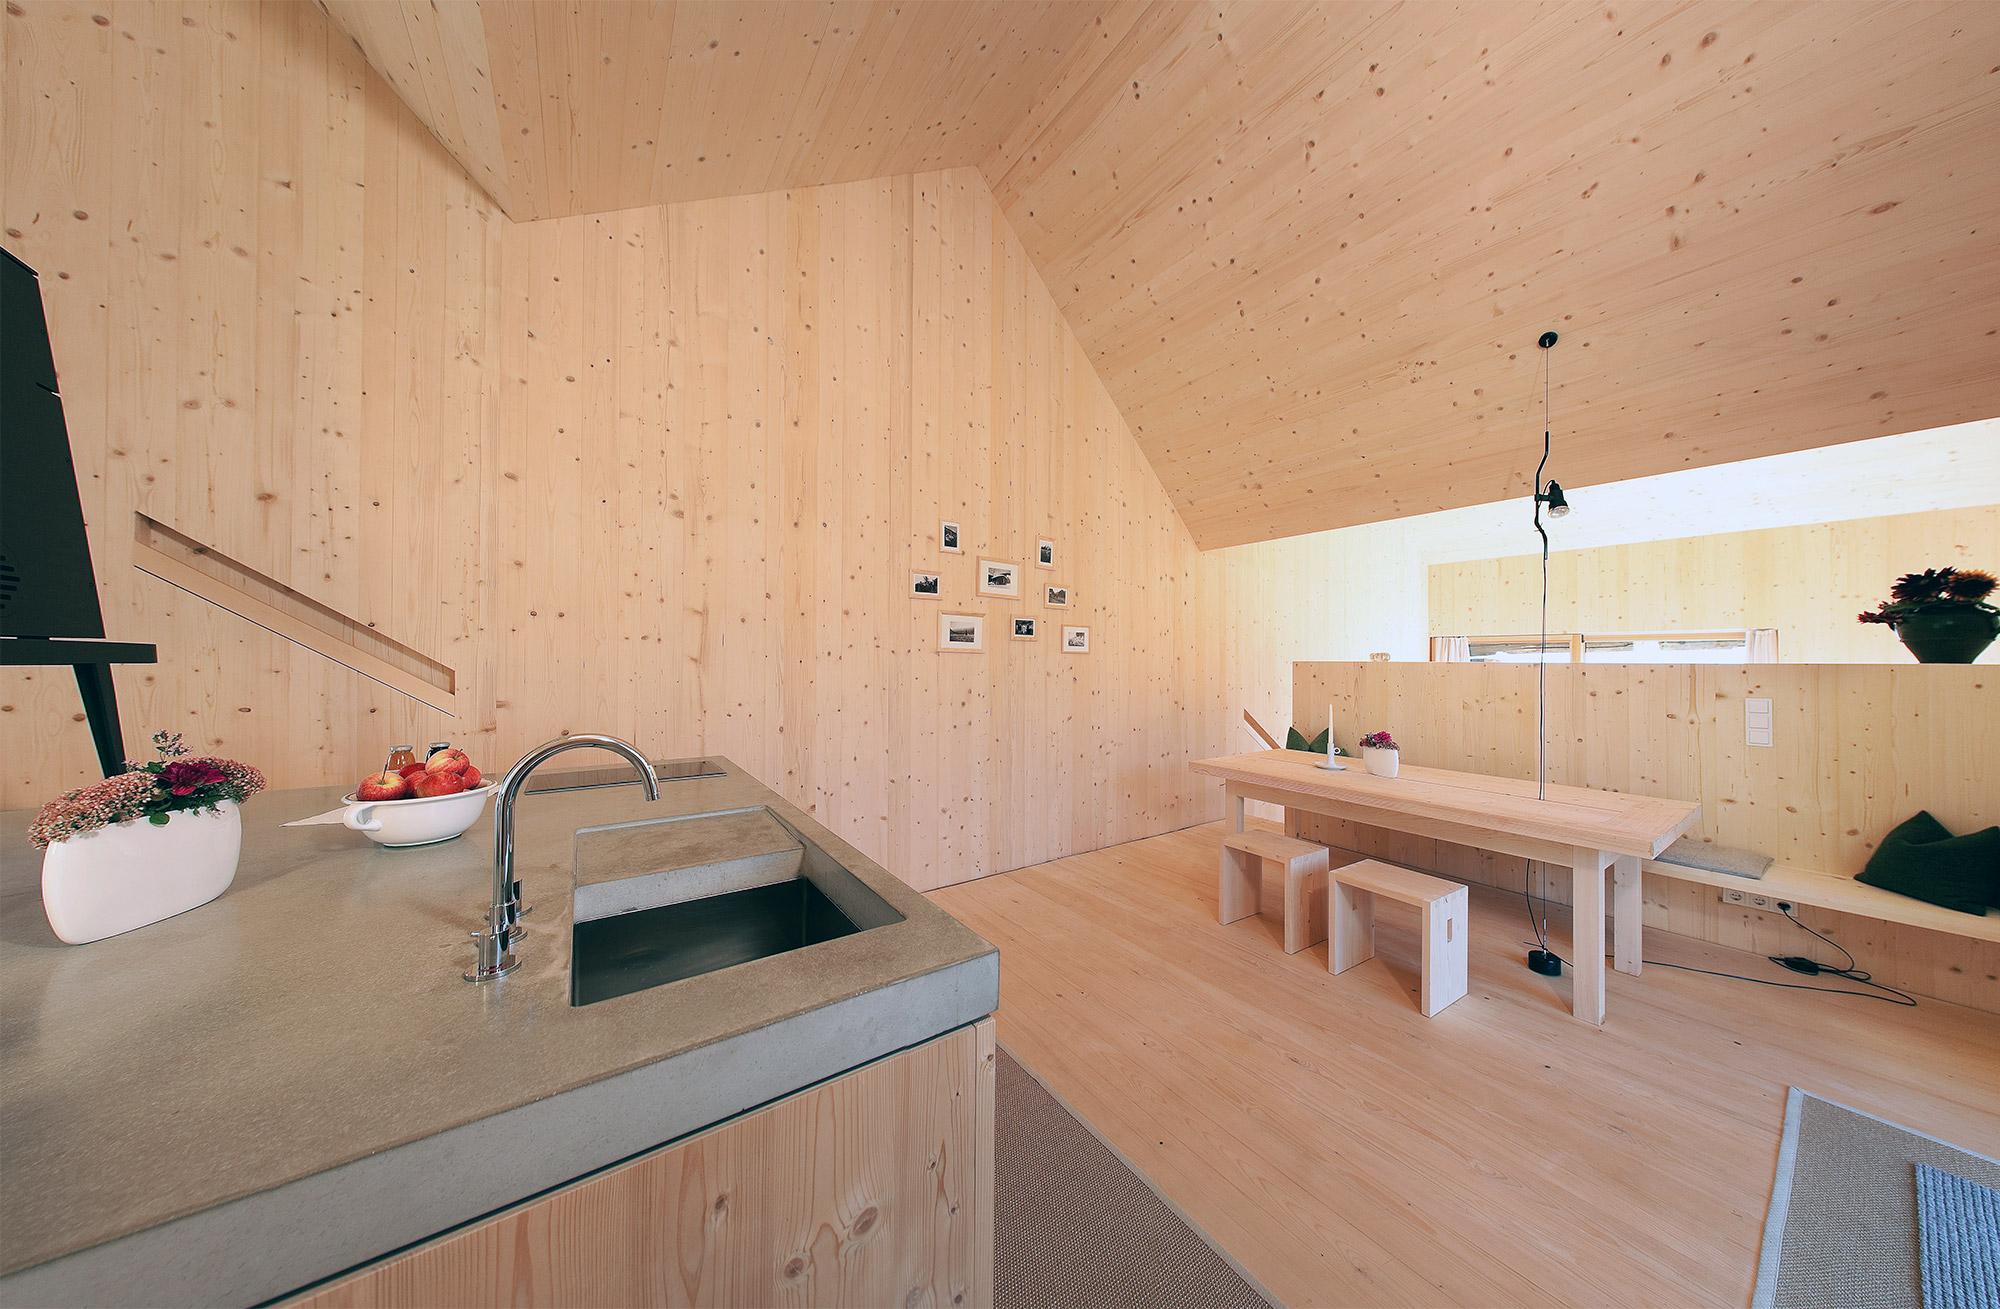 Viel Holz bestimmt die Optik des Innern